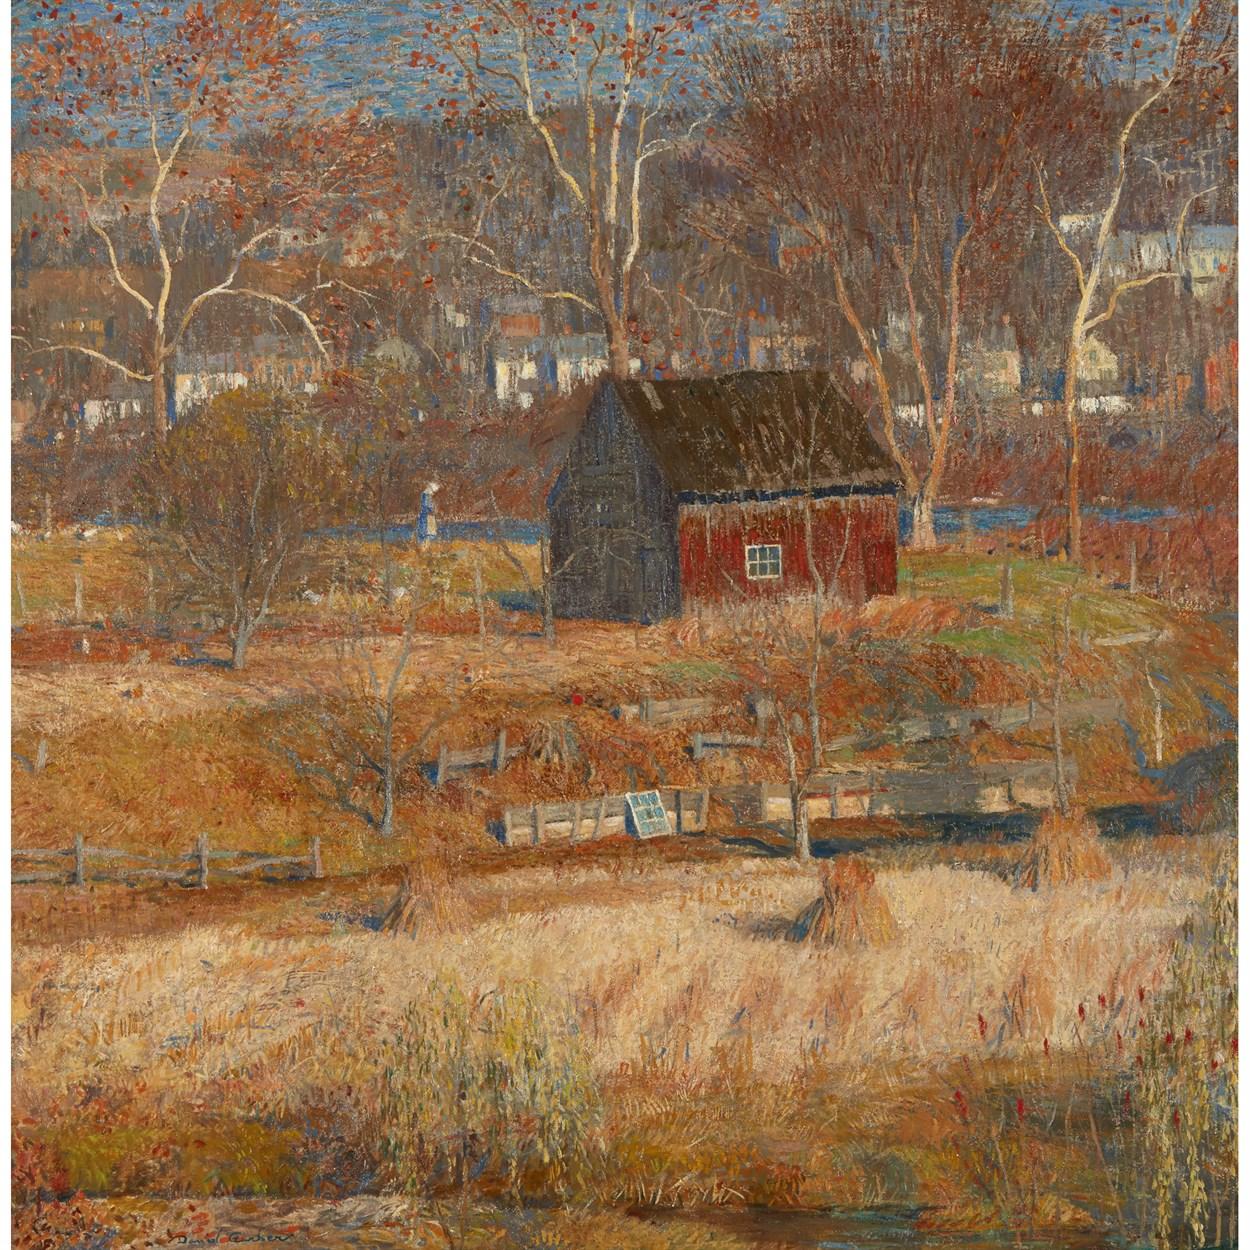 Lot 44 - Daniel Garber (American, 1880-1958)